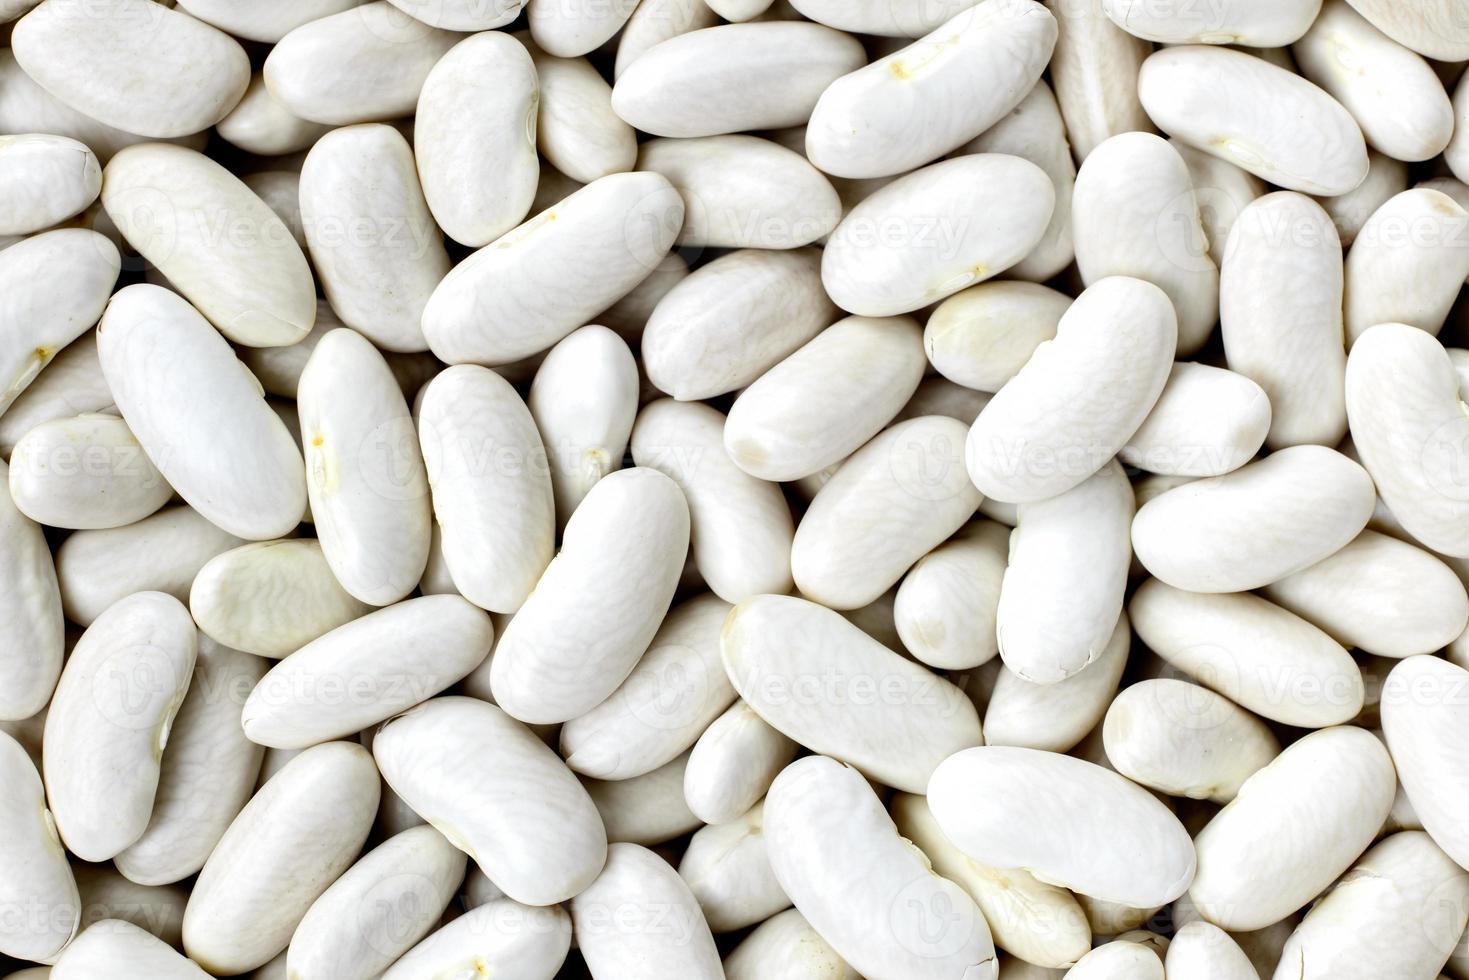 texturas de feijão azul marinho, feijão branco, ervilha branca, rim branco ou feijão cannellini foto